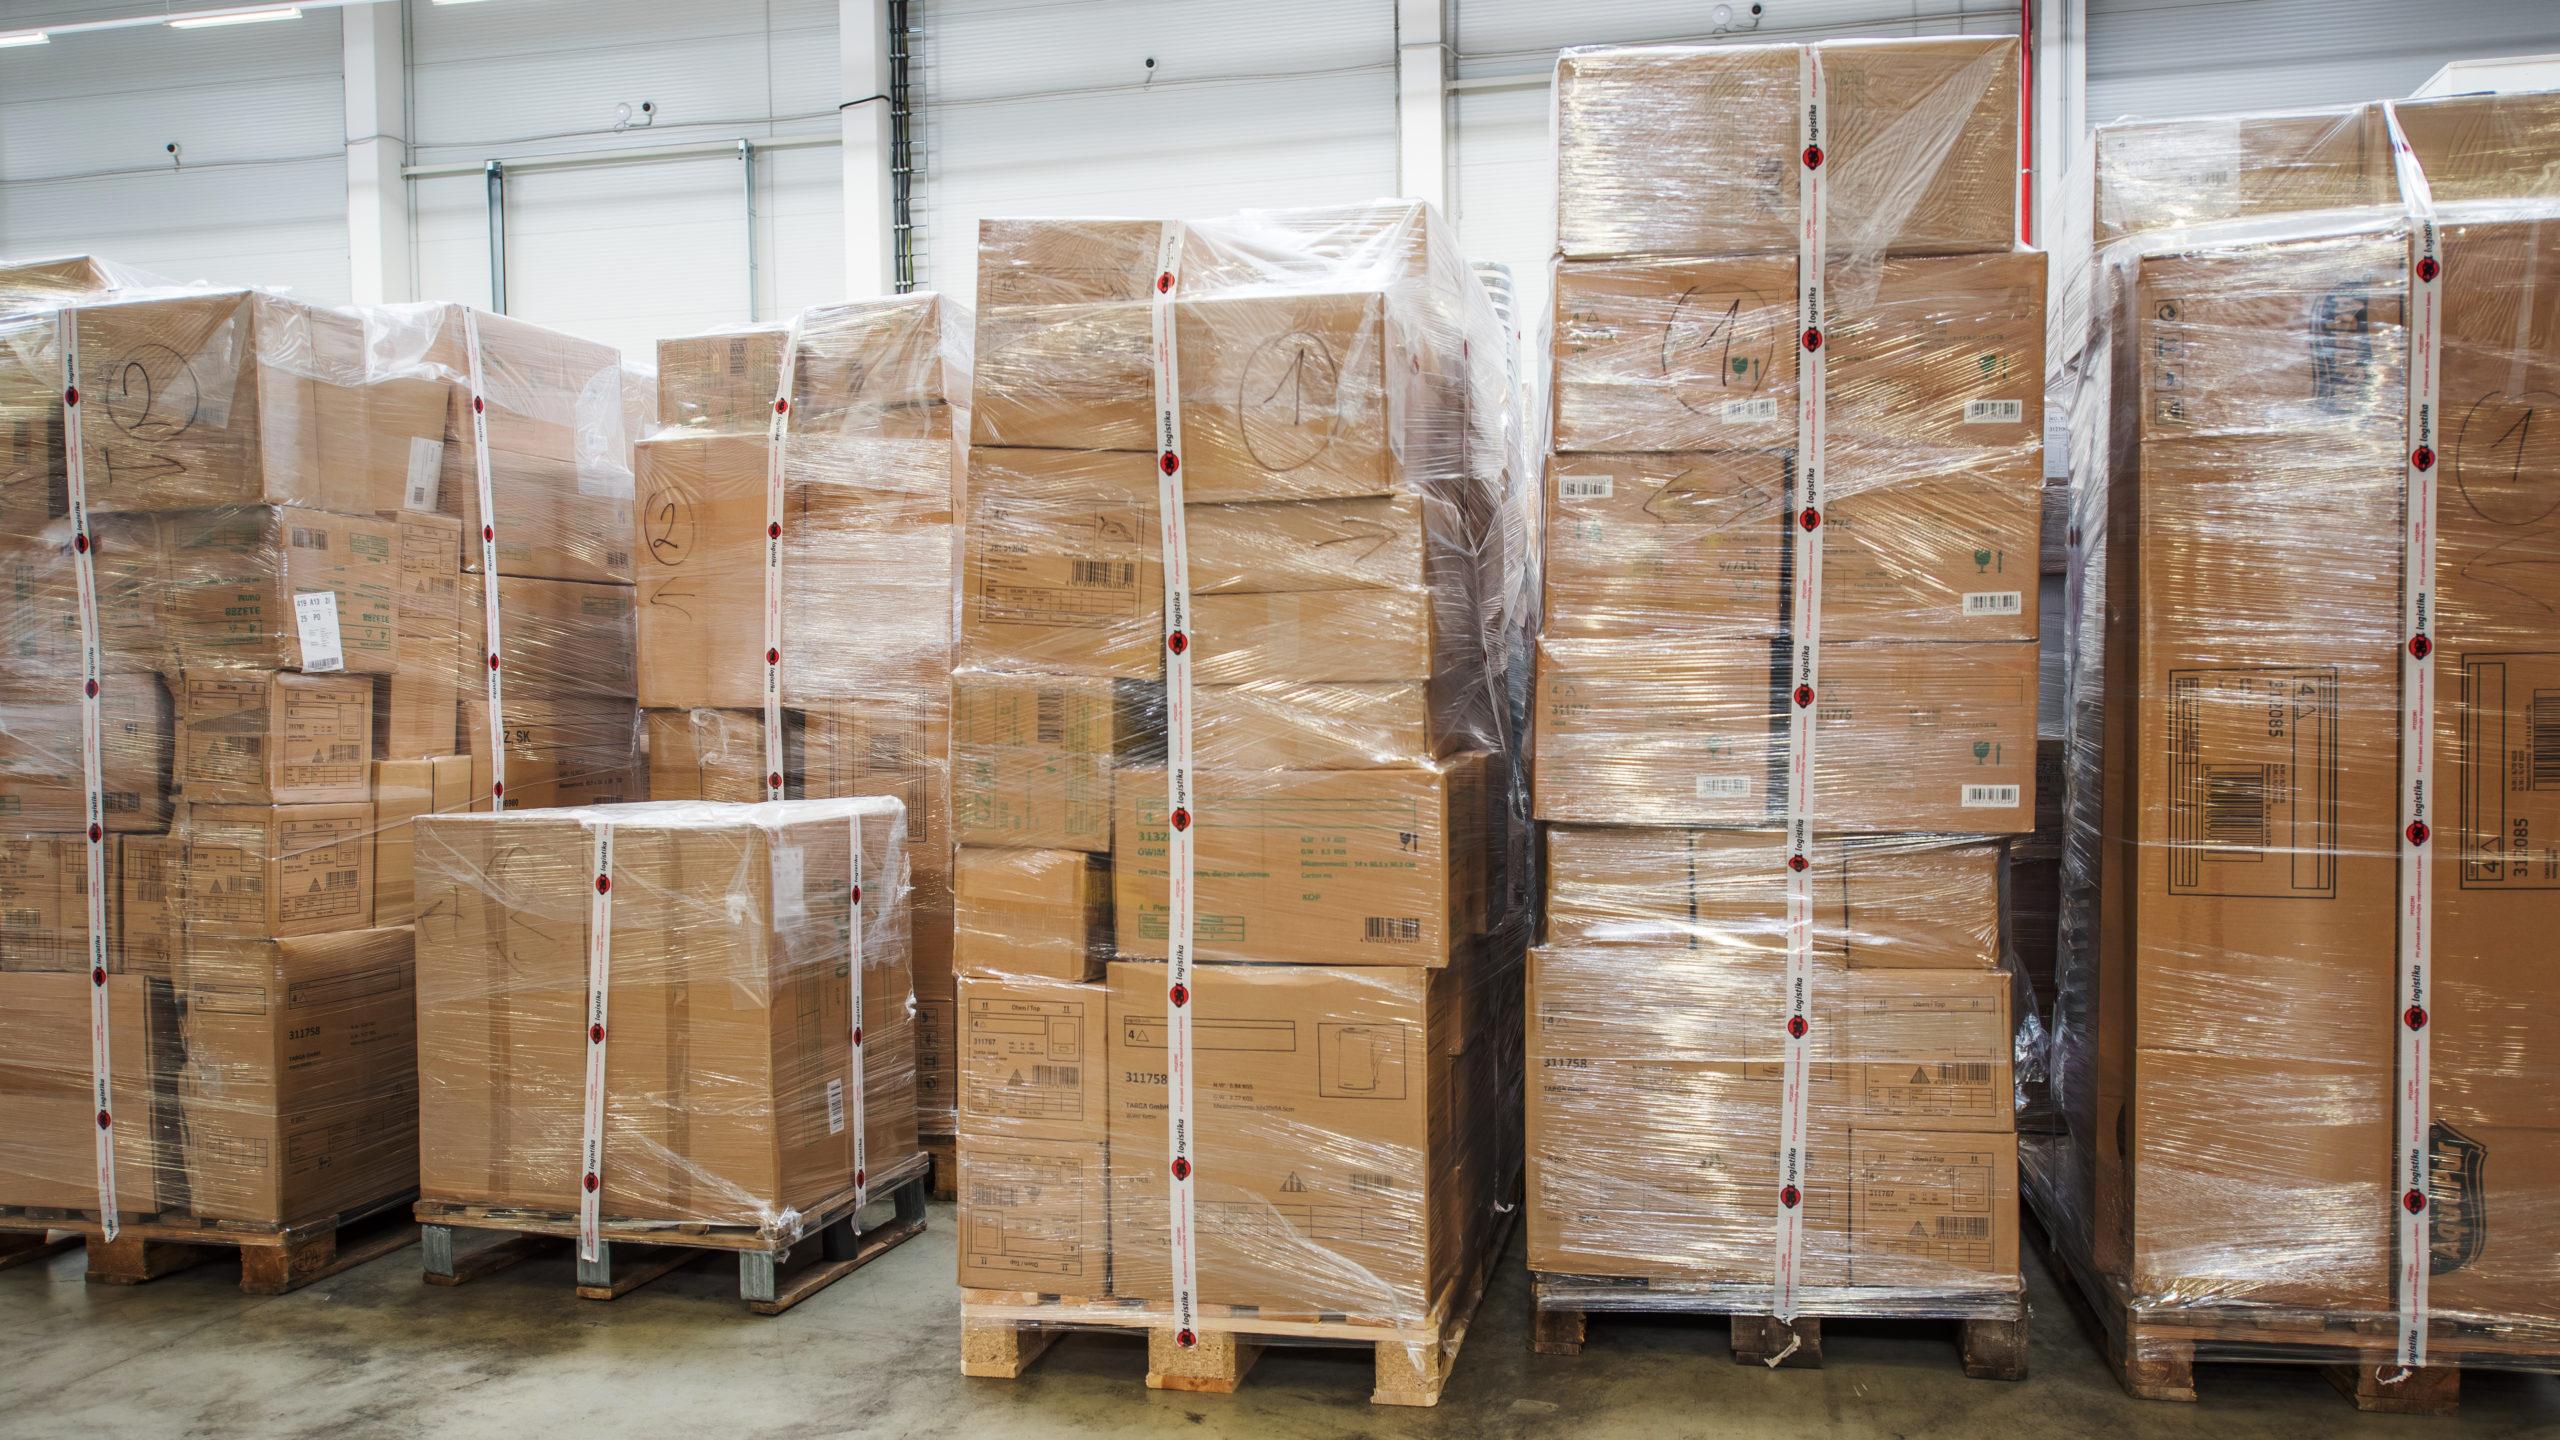 Celní deklarace pohled do celního skladu. Pracovník celního skladu provádí kontrolu uloženého materiálu.